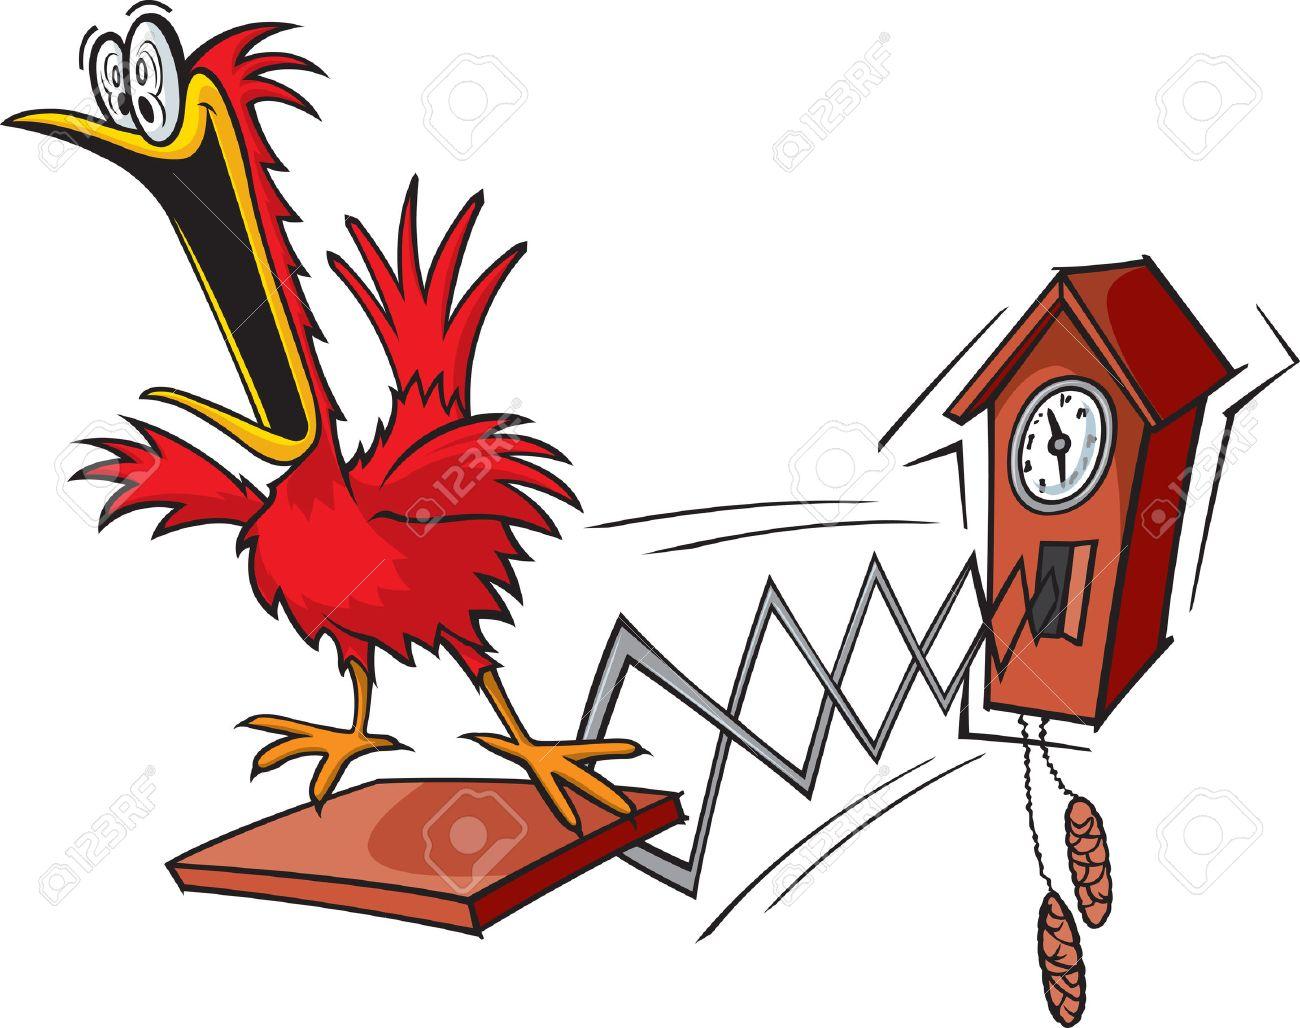 A cartoon cuckoo clock - 39564657